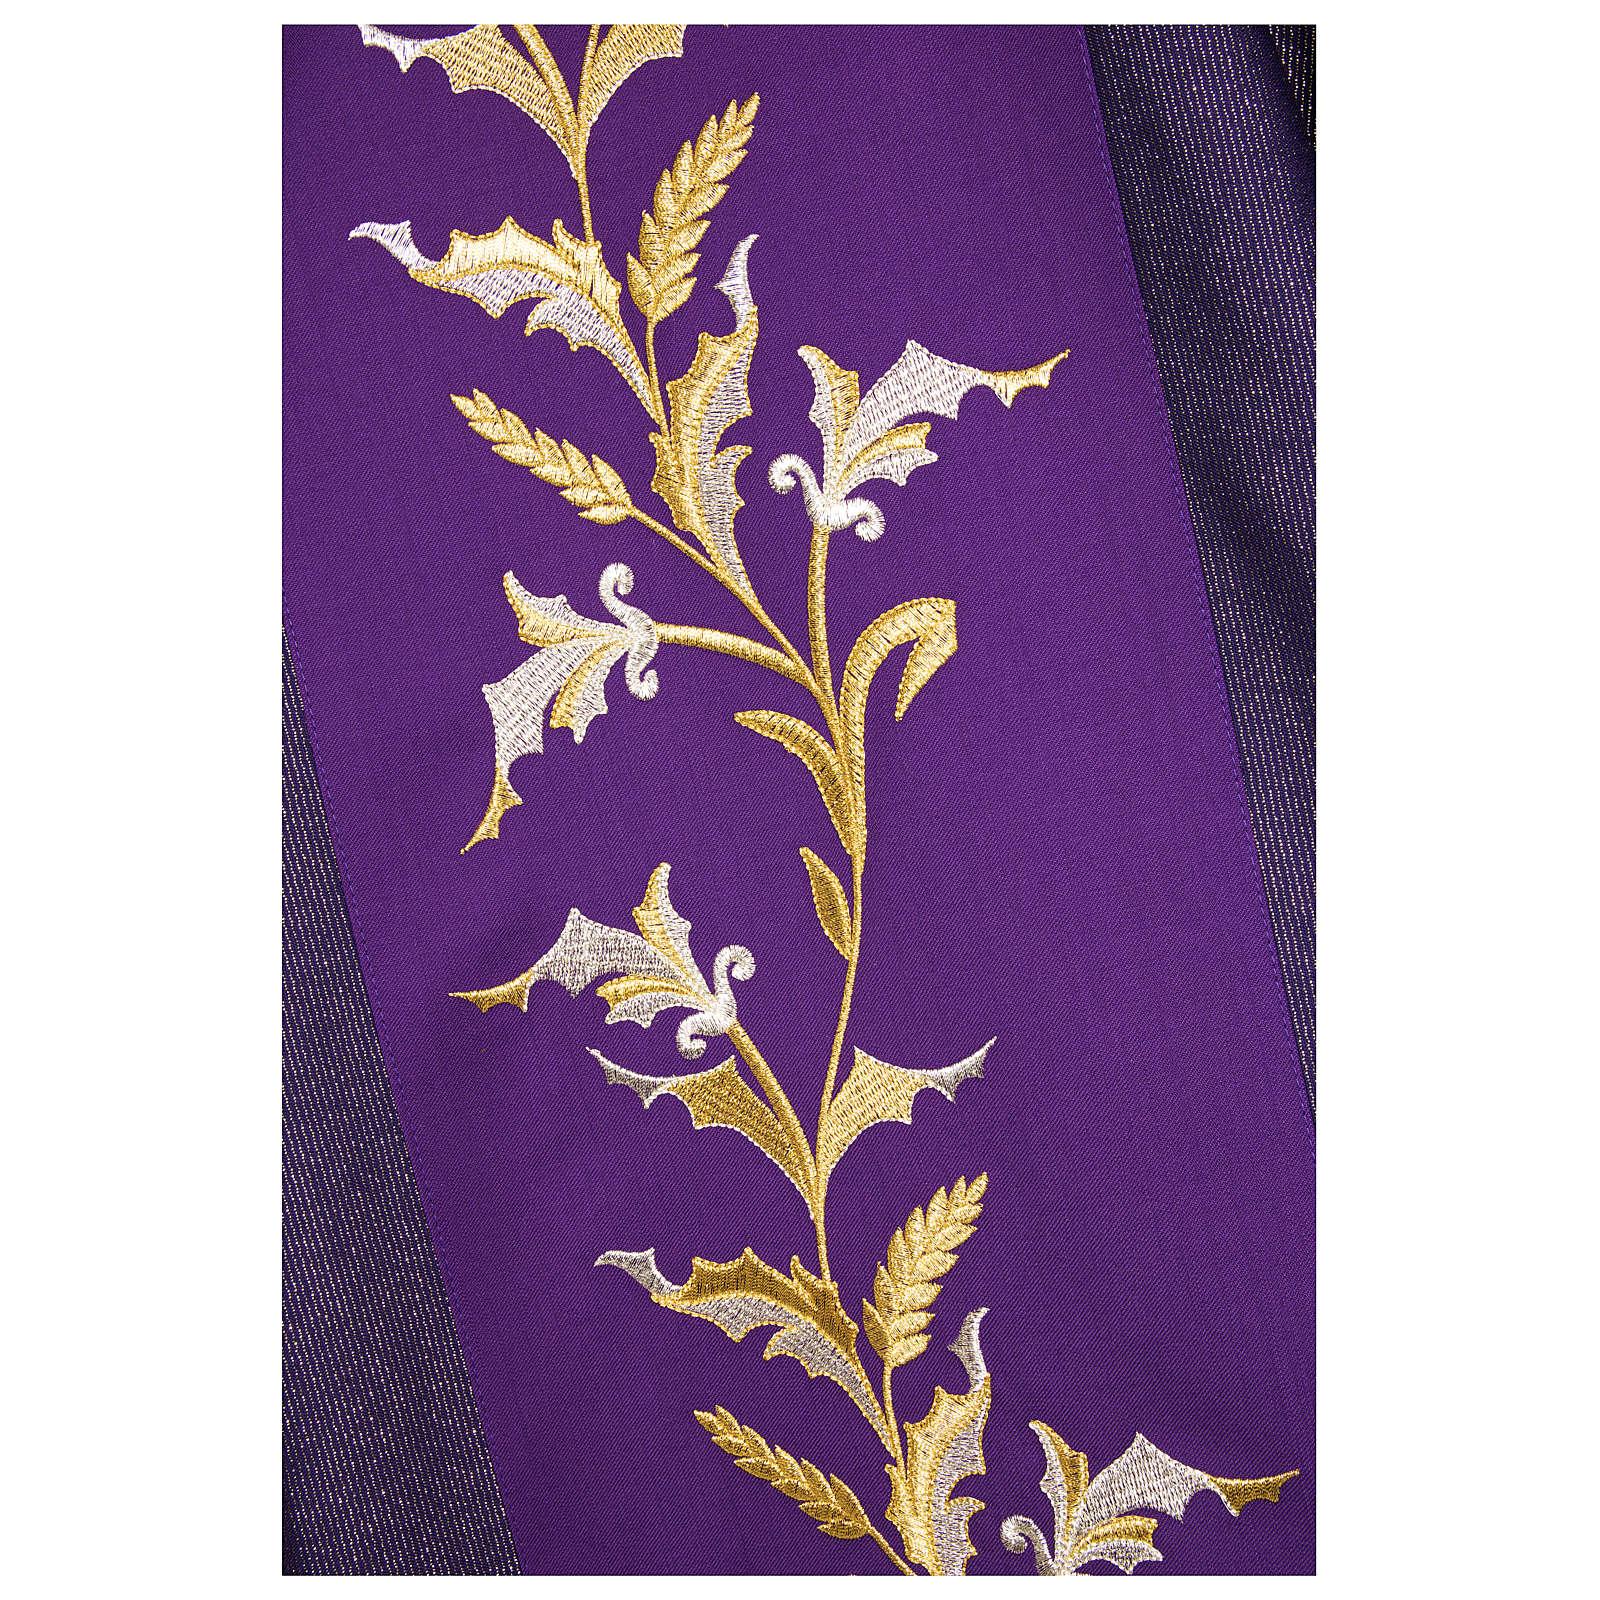 Dalmatica 93% lana 4% pol 3% viscosa ricamo spighe fascione tratteggio oro 4